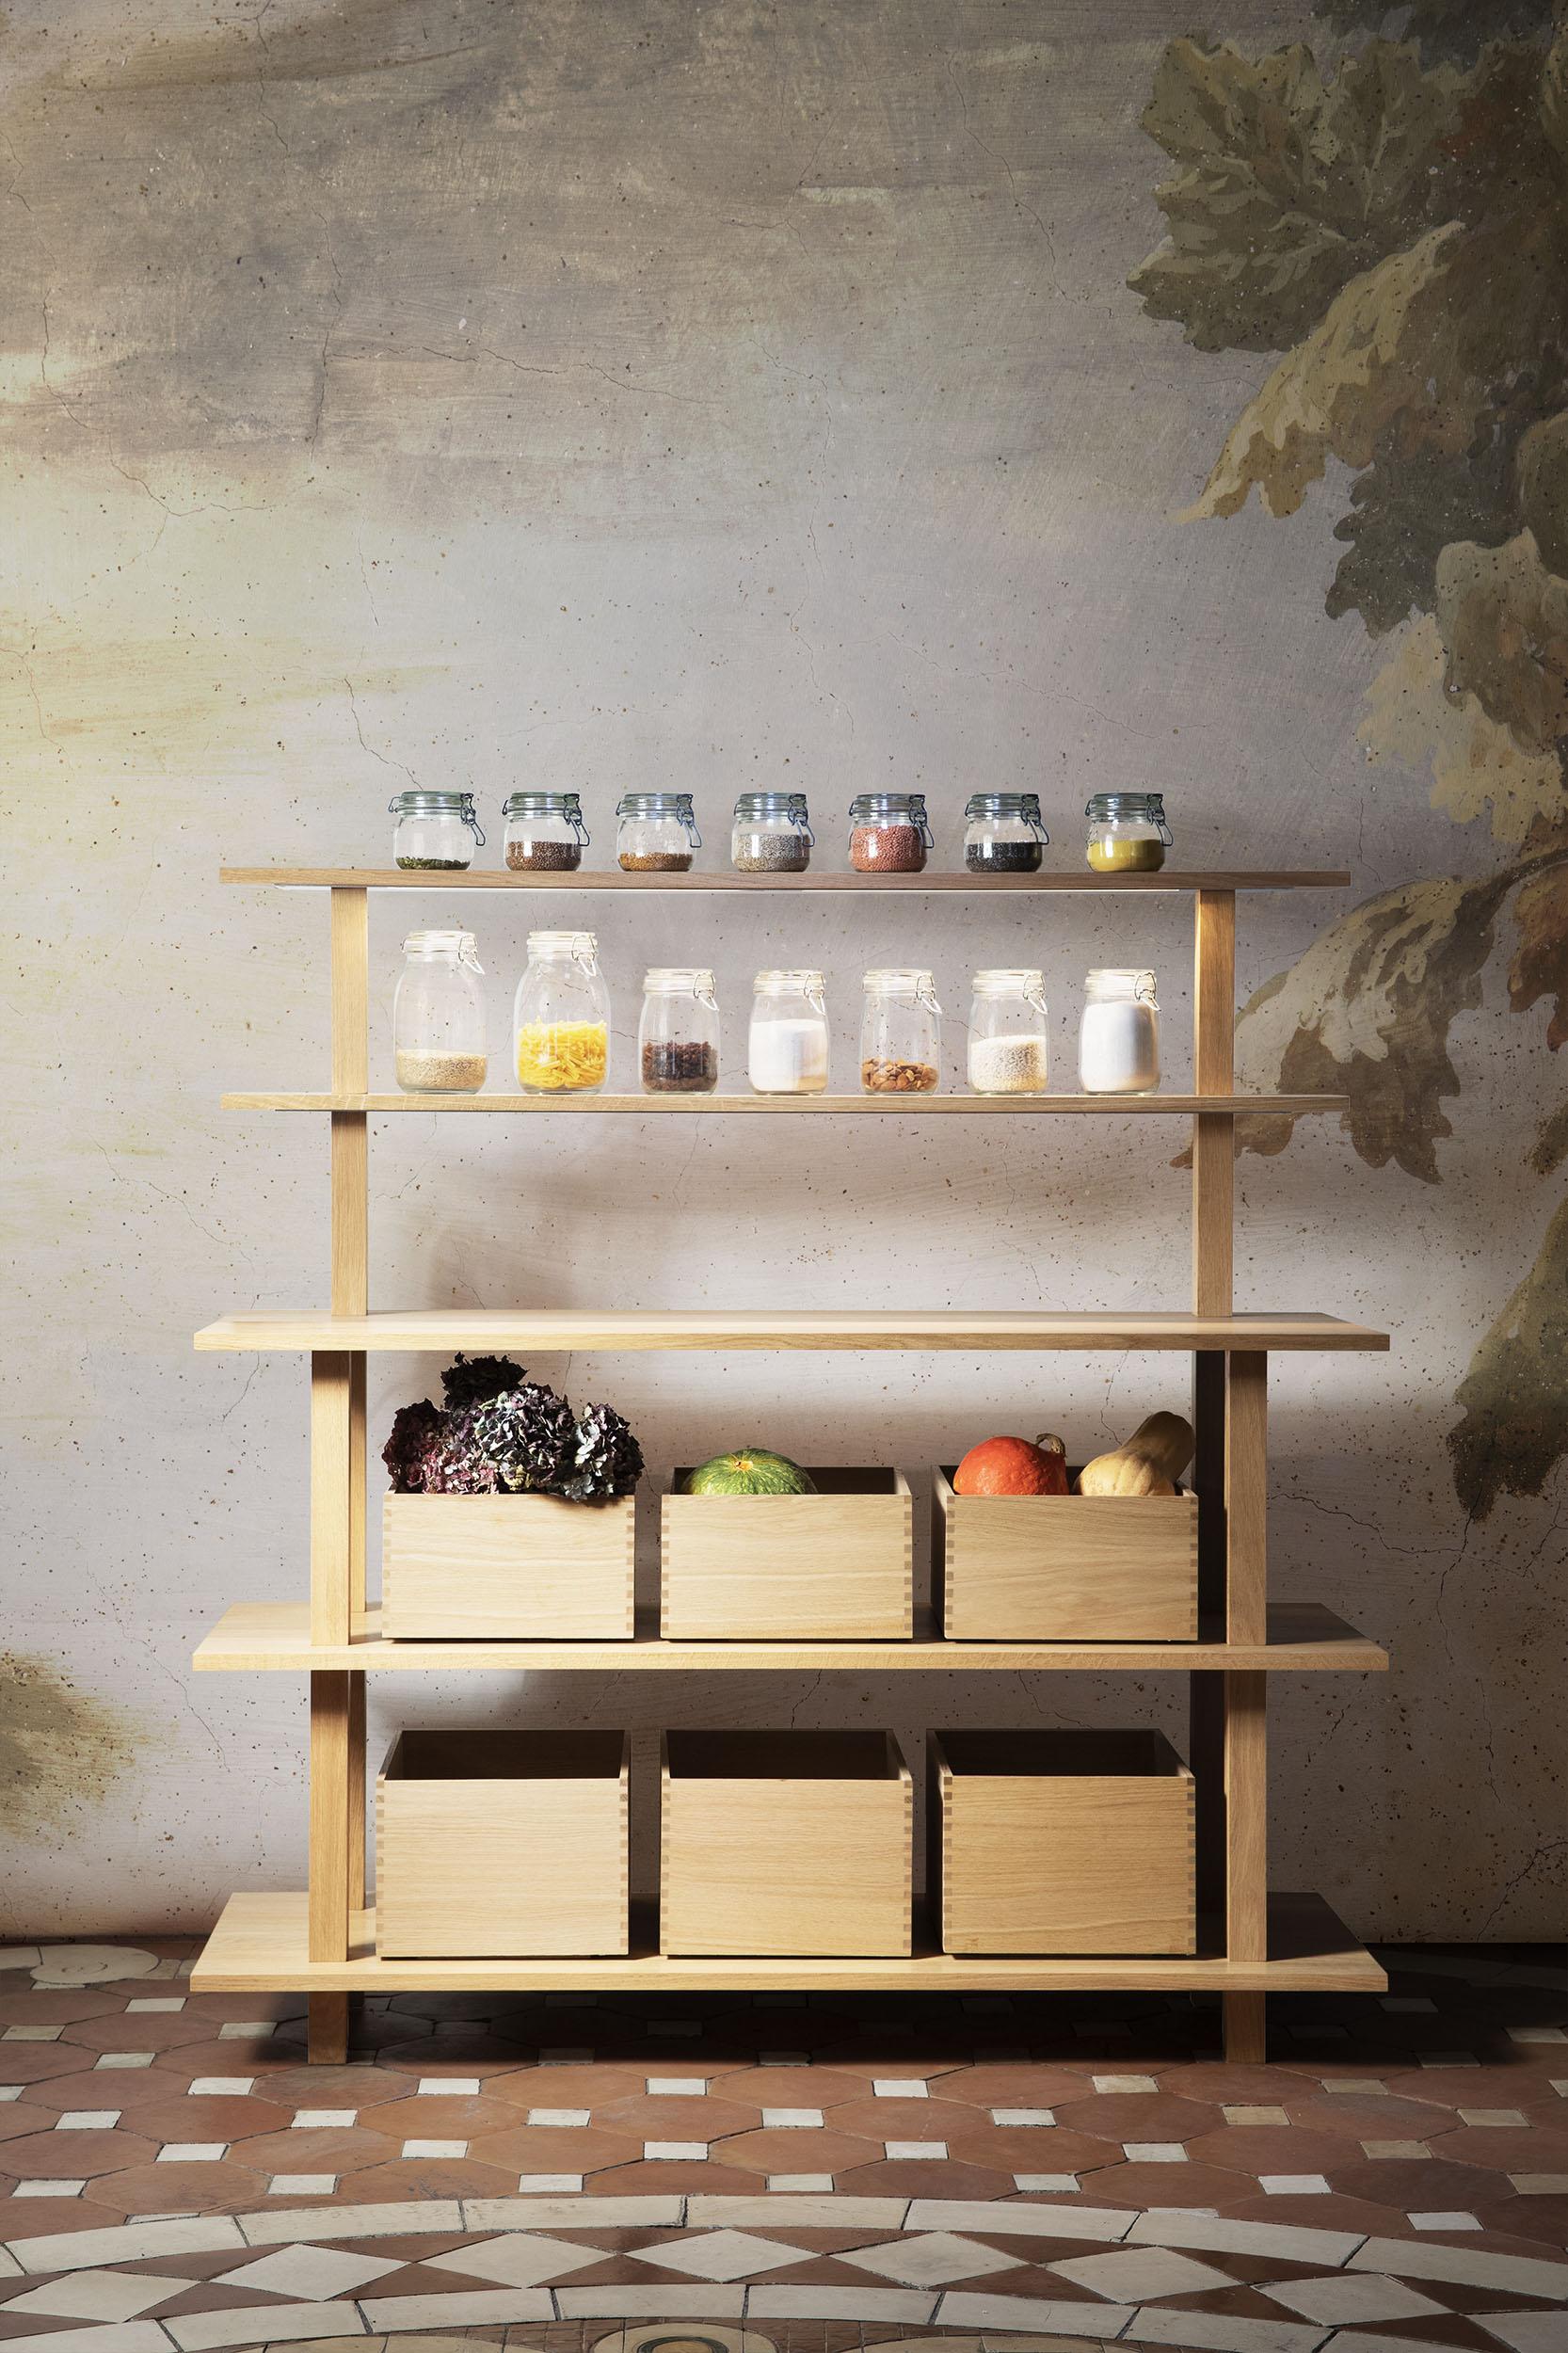 Meuble ouvert en chêne massif huilé servant d'épicerie ou de rangement pour la cuisine avec un portique éclairant à deux étagères et des boîtes coulissantes de rangement en bois